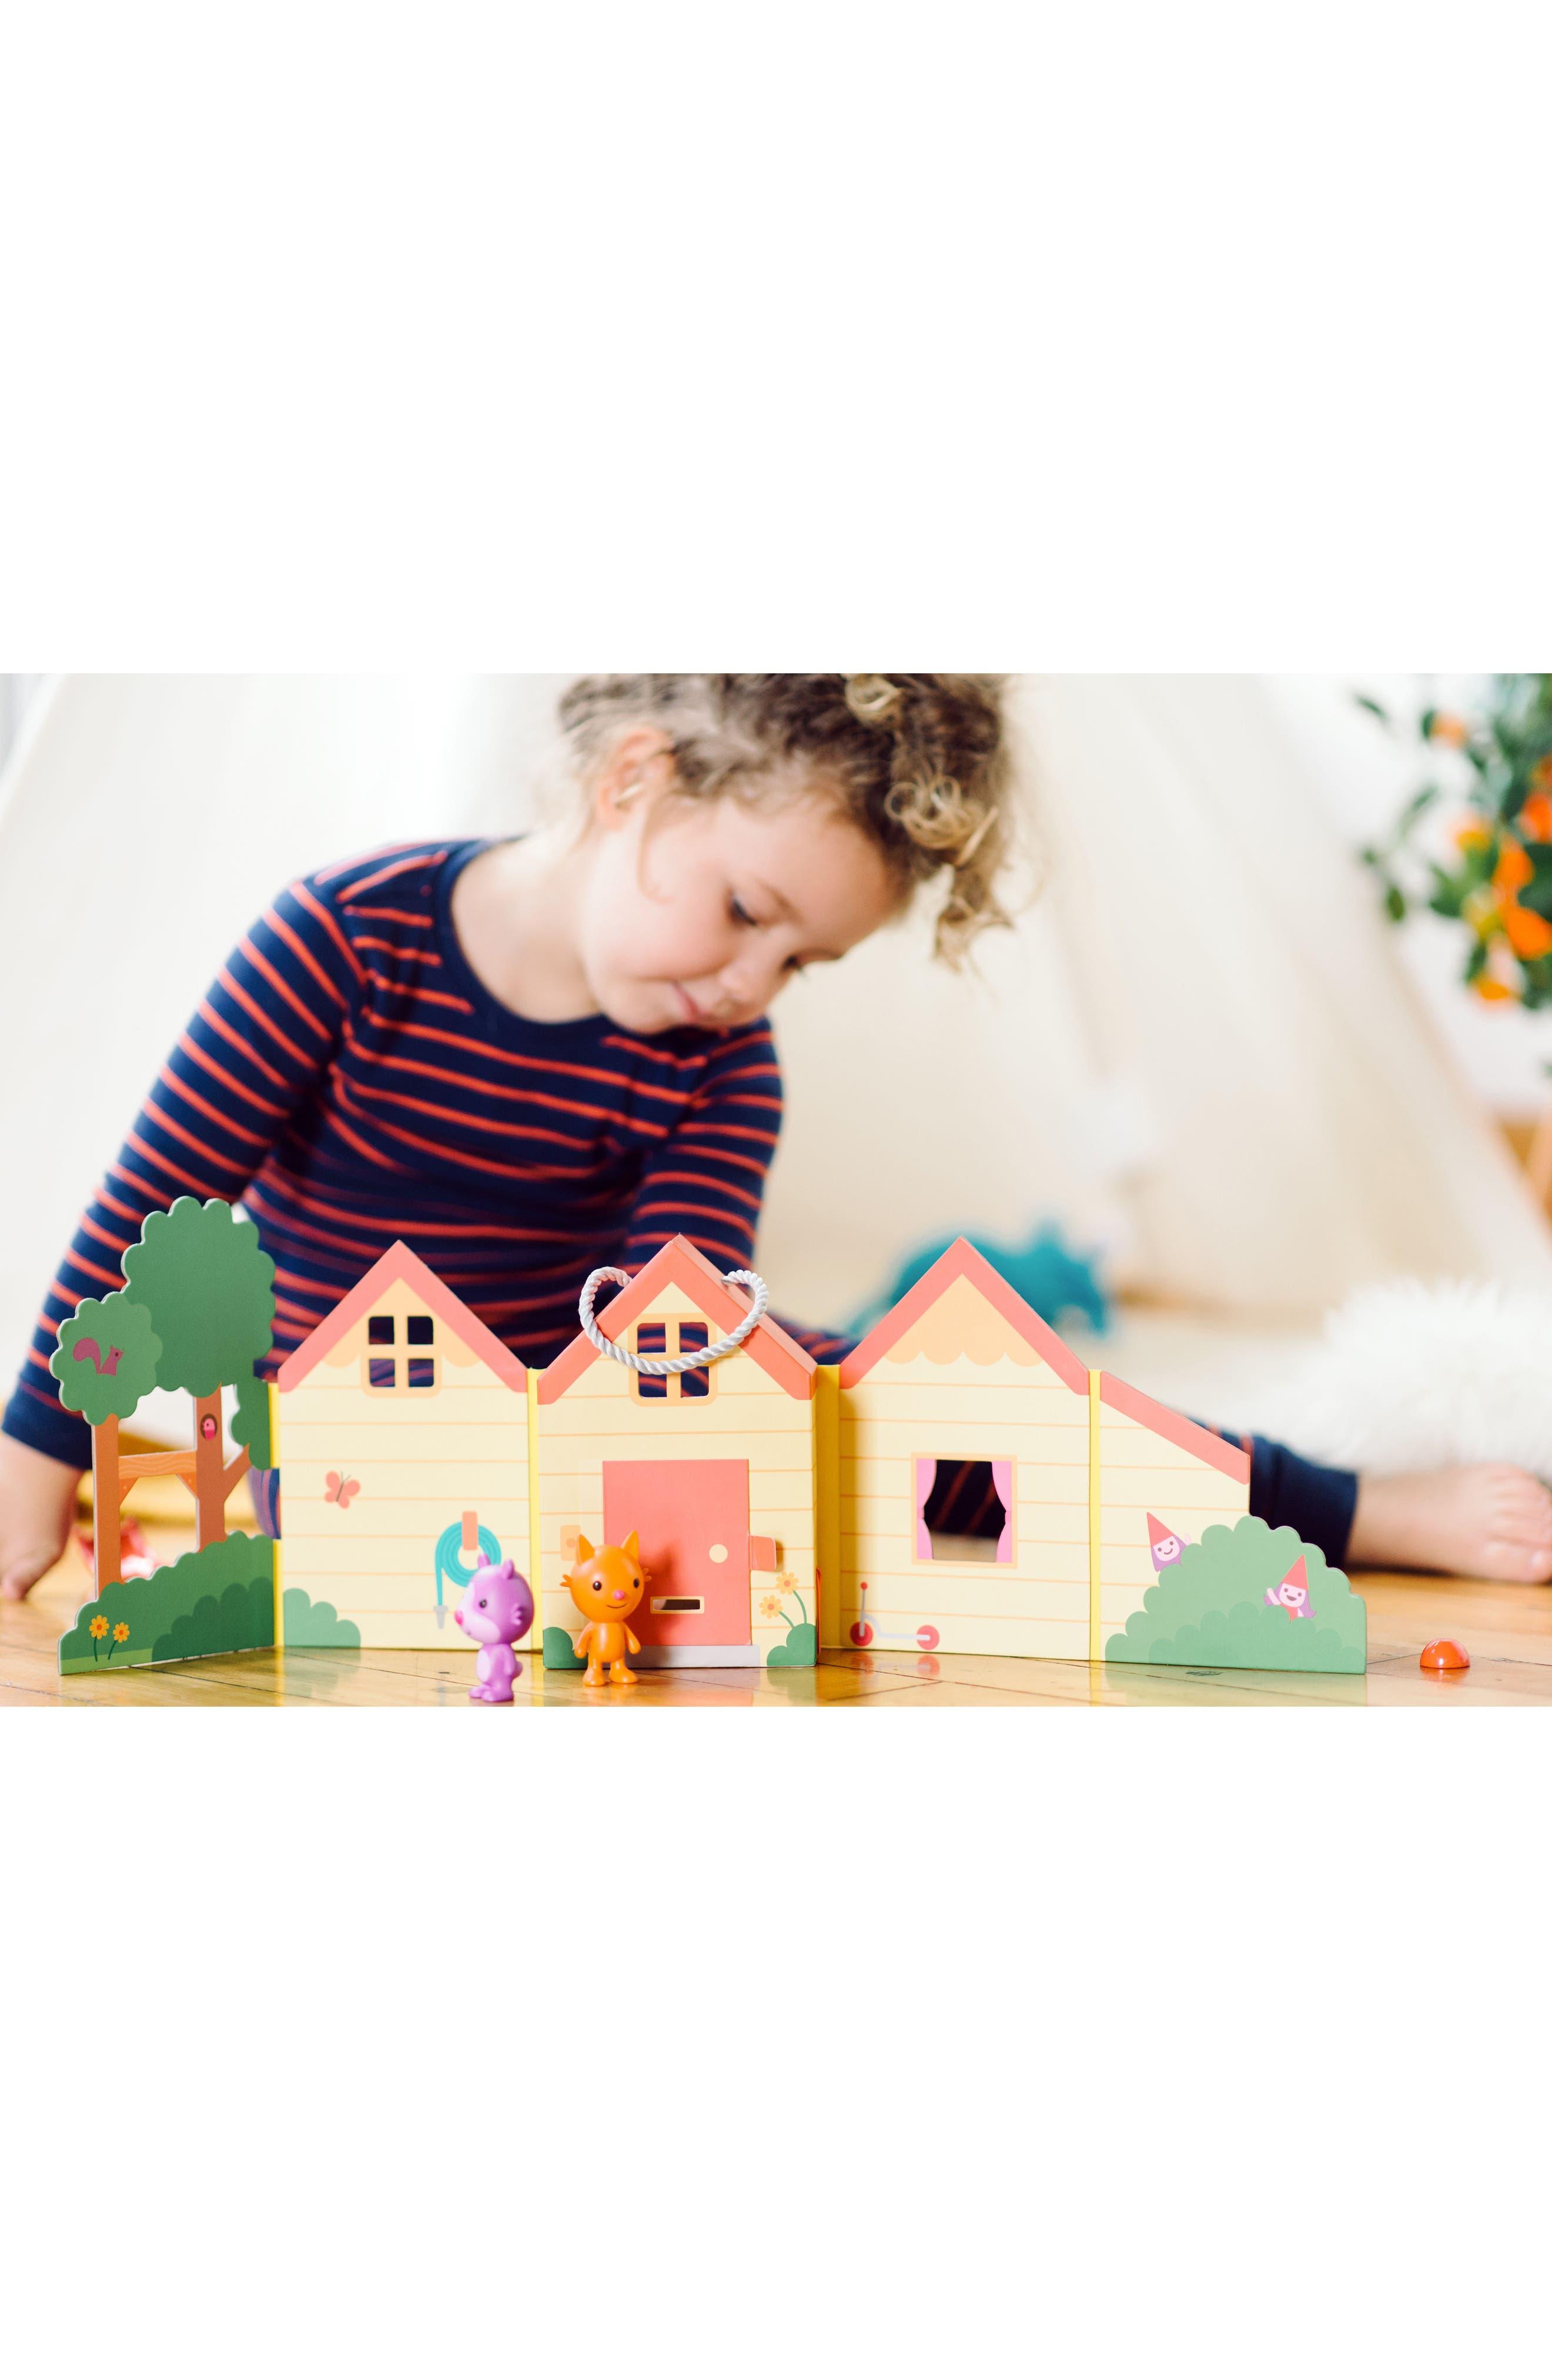 Jinja's House Portable Play Set,                             Alternate thumbnail 2, color,                             Multi